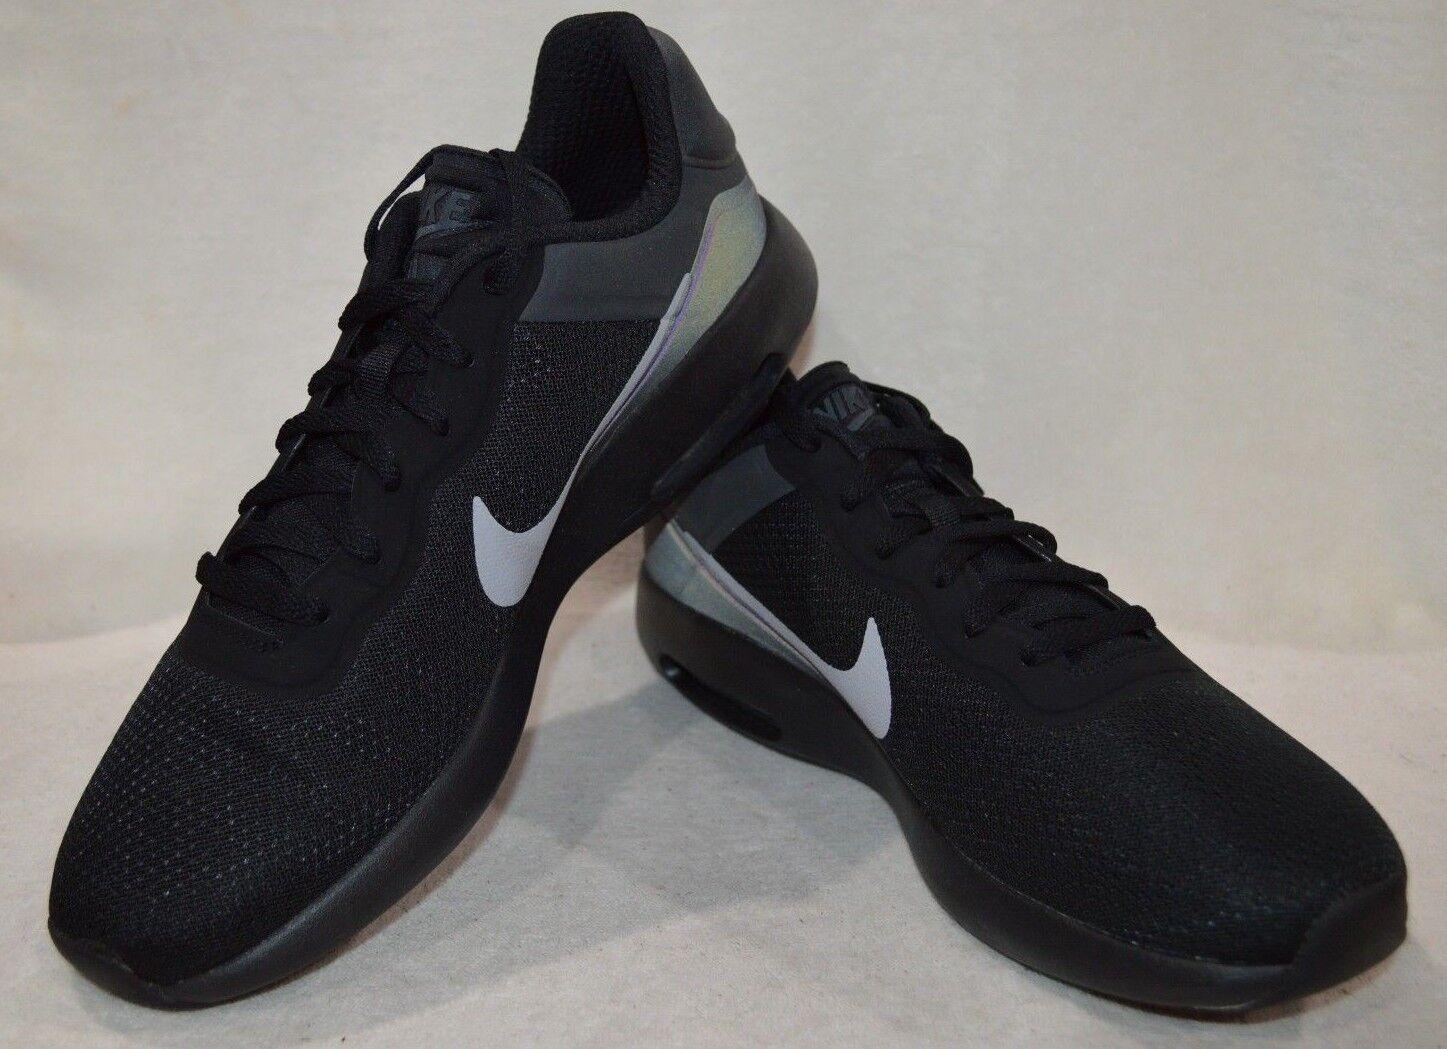 Nike Air Max fonctionnement Modern SE noir/Platinum/Anthrac homme fonctionnement Max chaussures-Asst 28f9fa